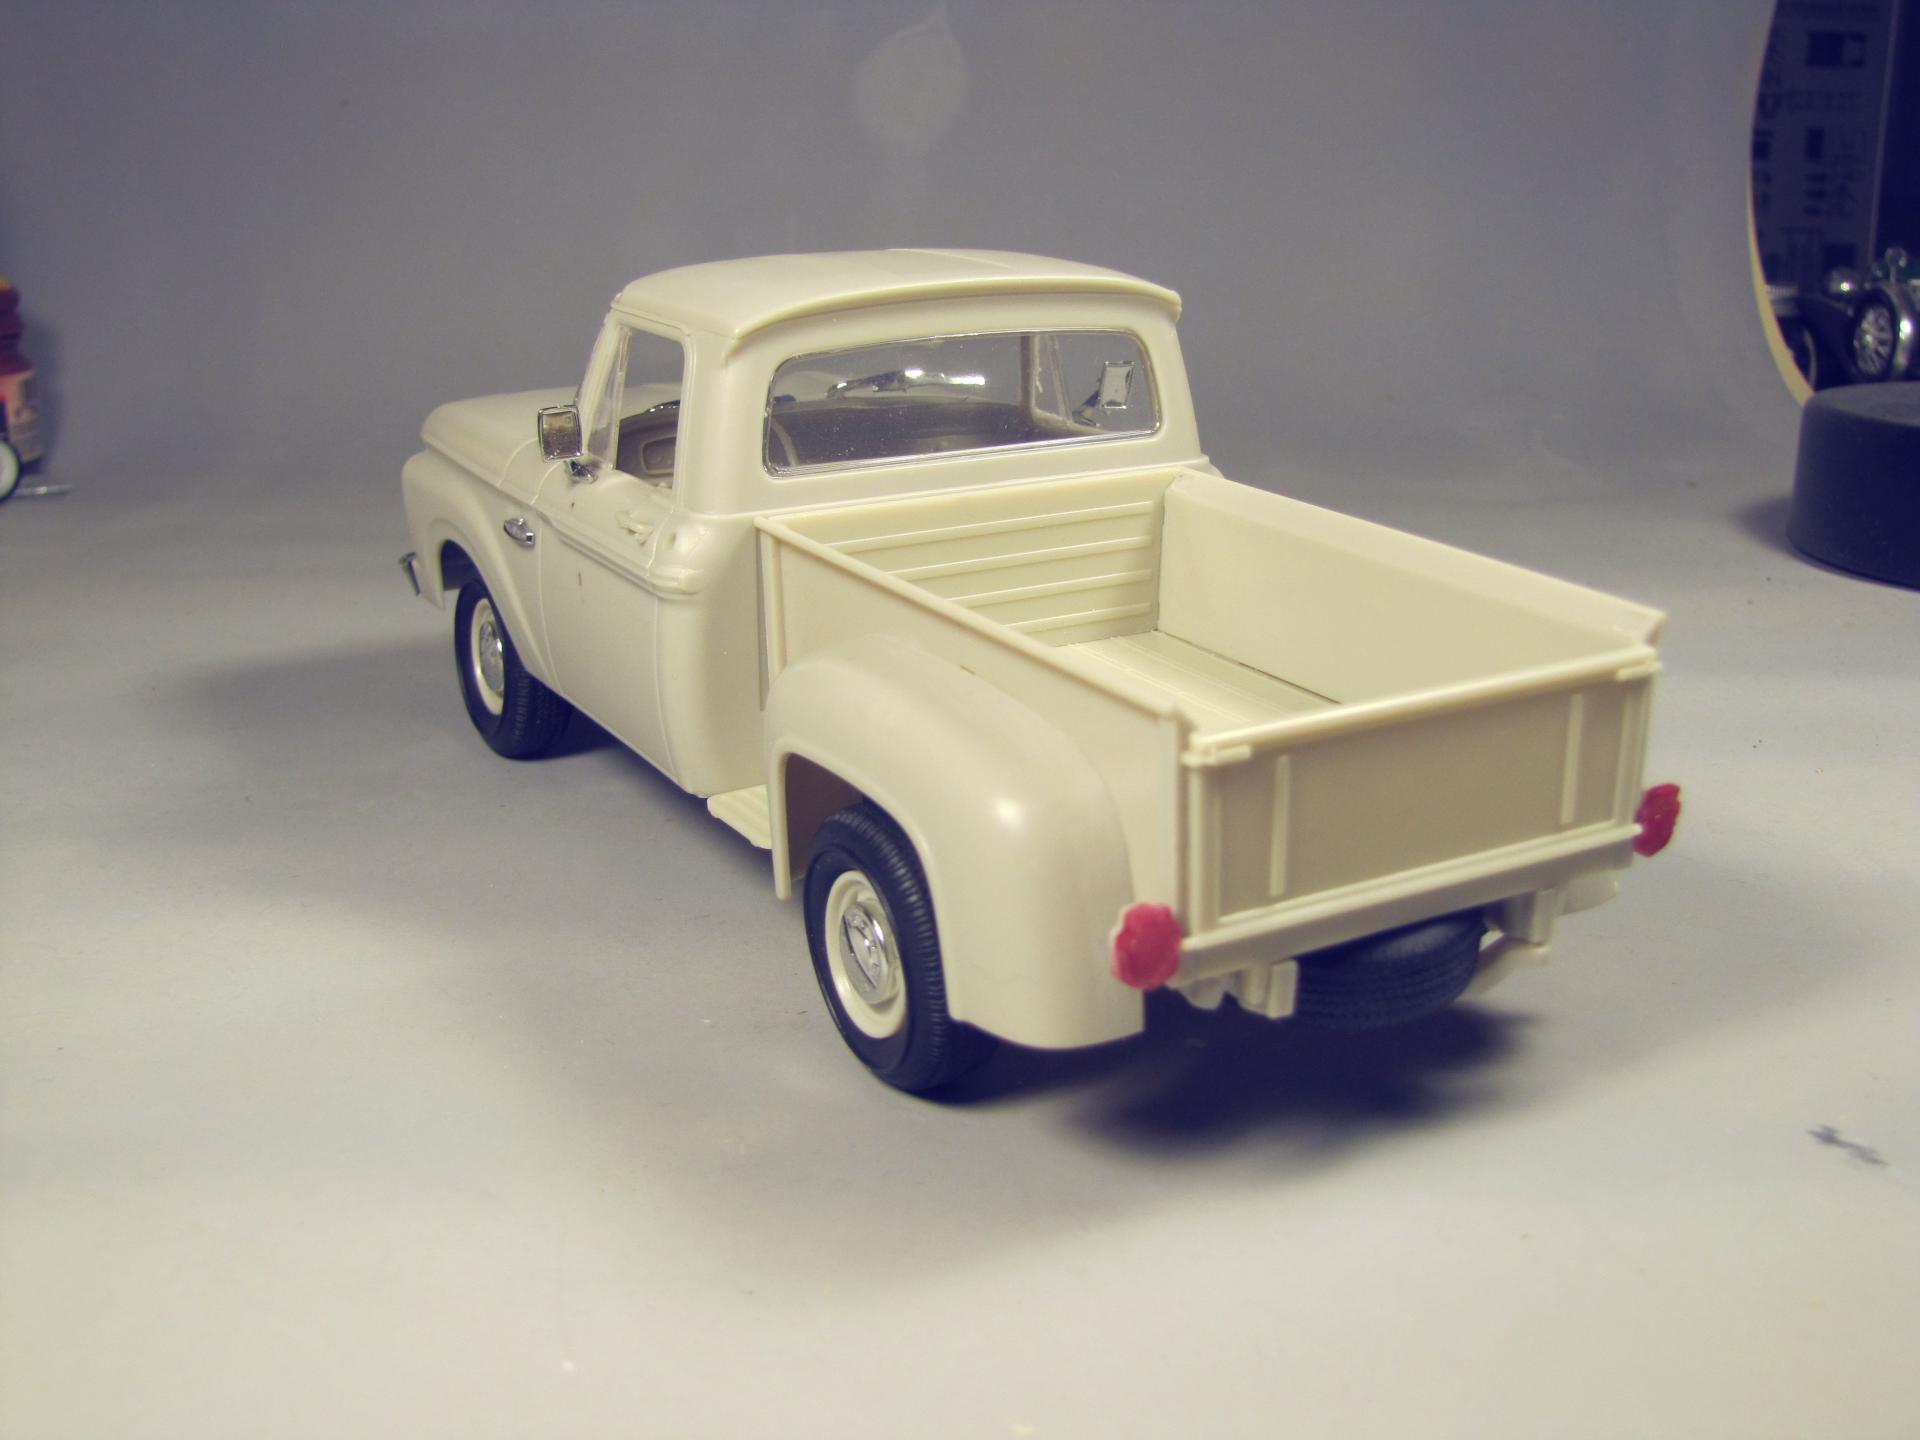 1965 Ford F-100 #3.jpg